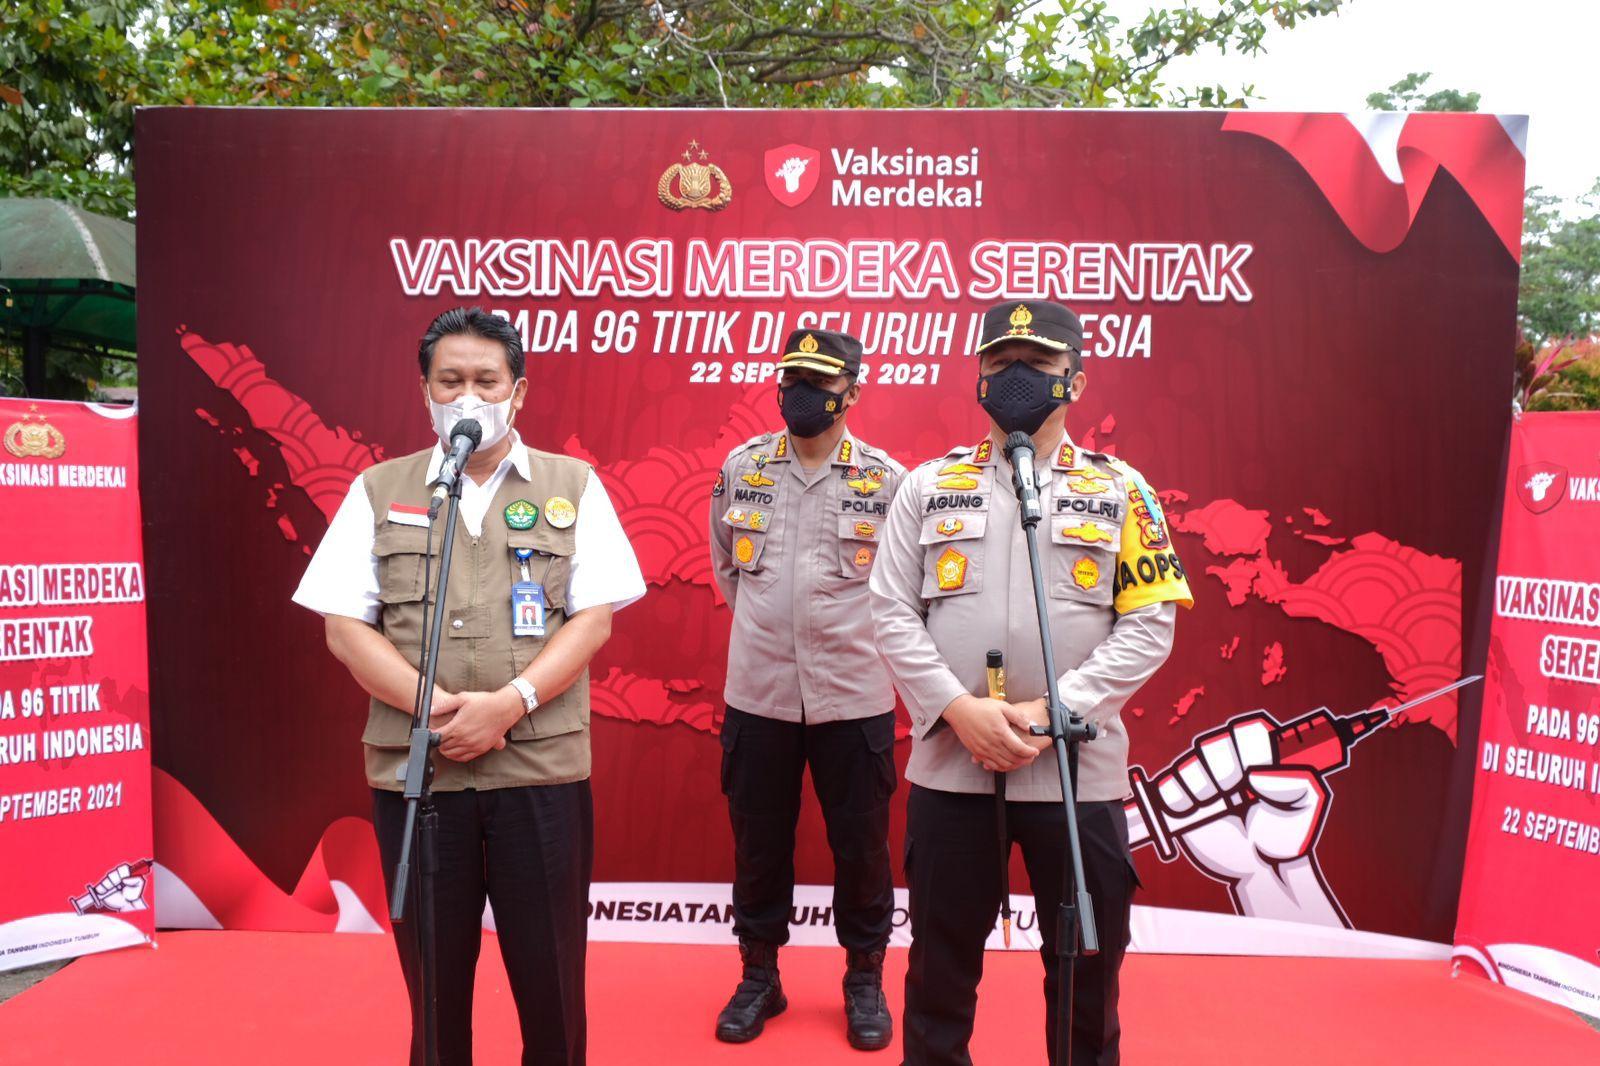 Vaksinasi Merdeka Serentak, Polda Riau Gandeng Perguruan Tinggi Siapkan 9000  Vaksin Dan 1500 Paket Bansos